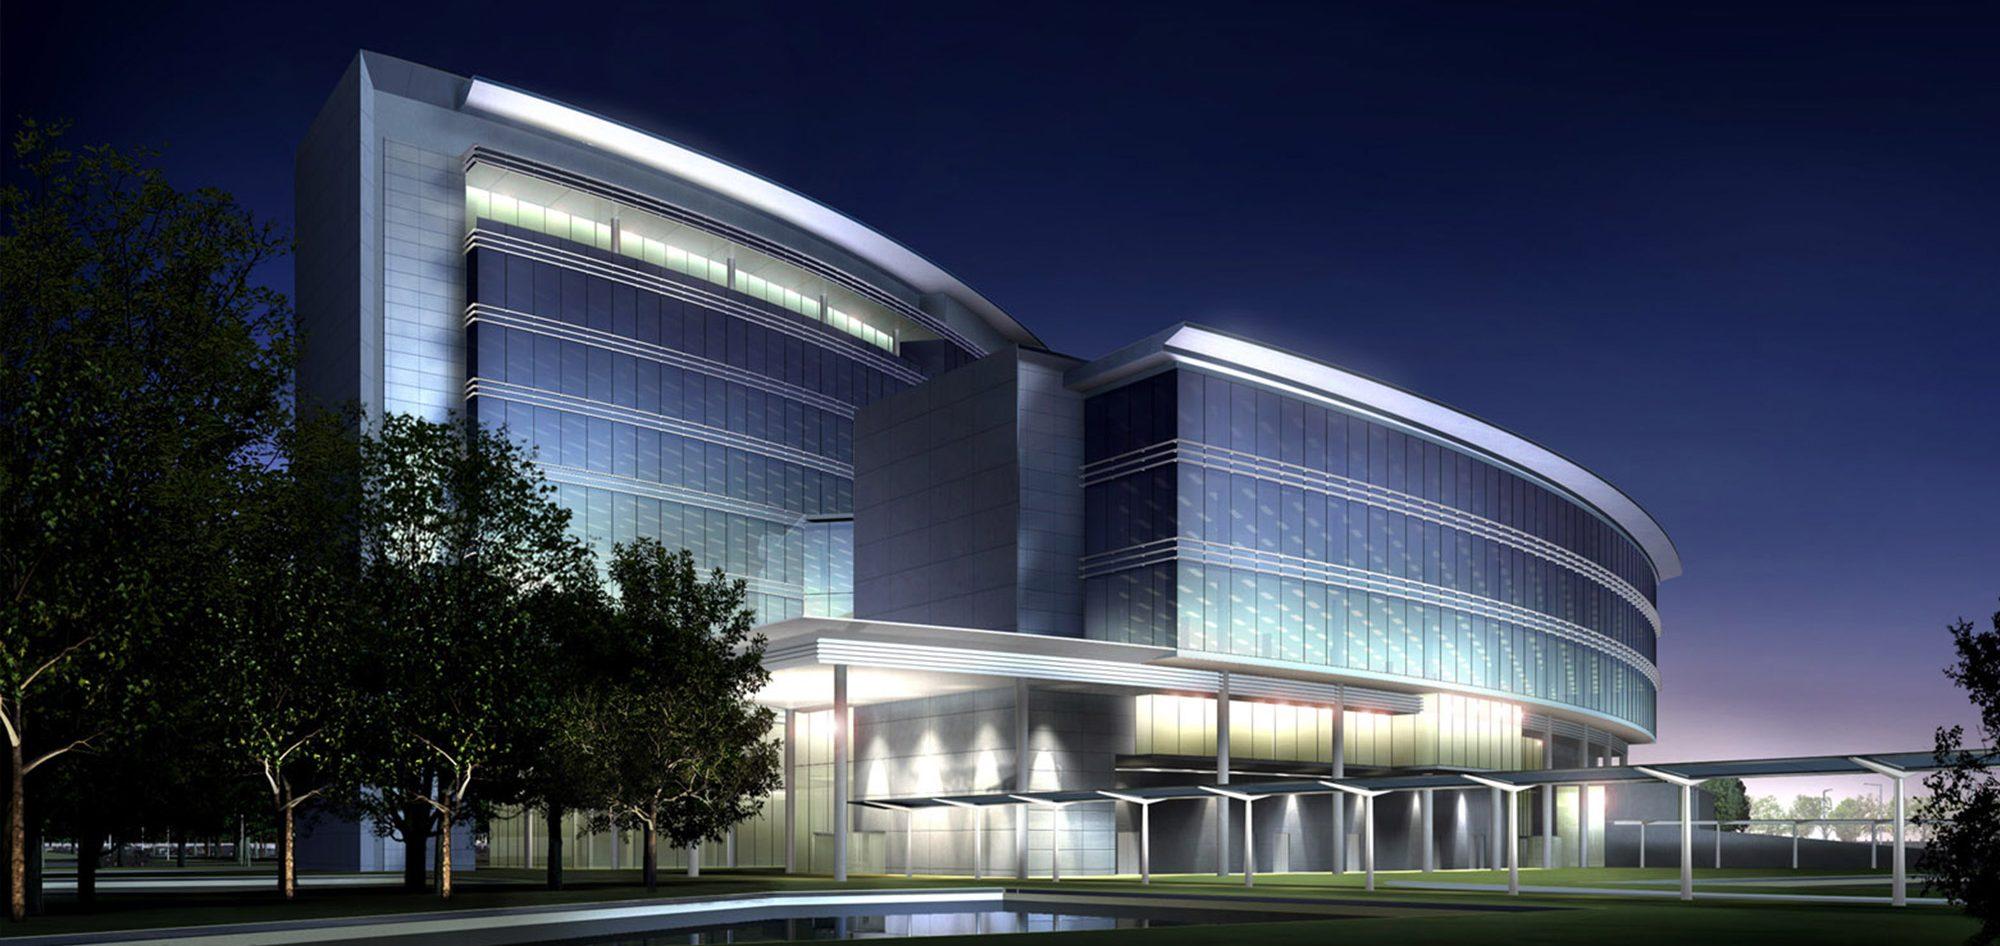 综合行政大楼